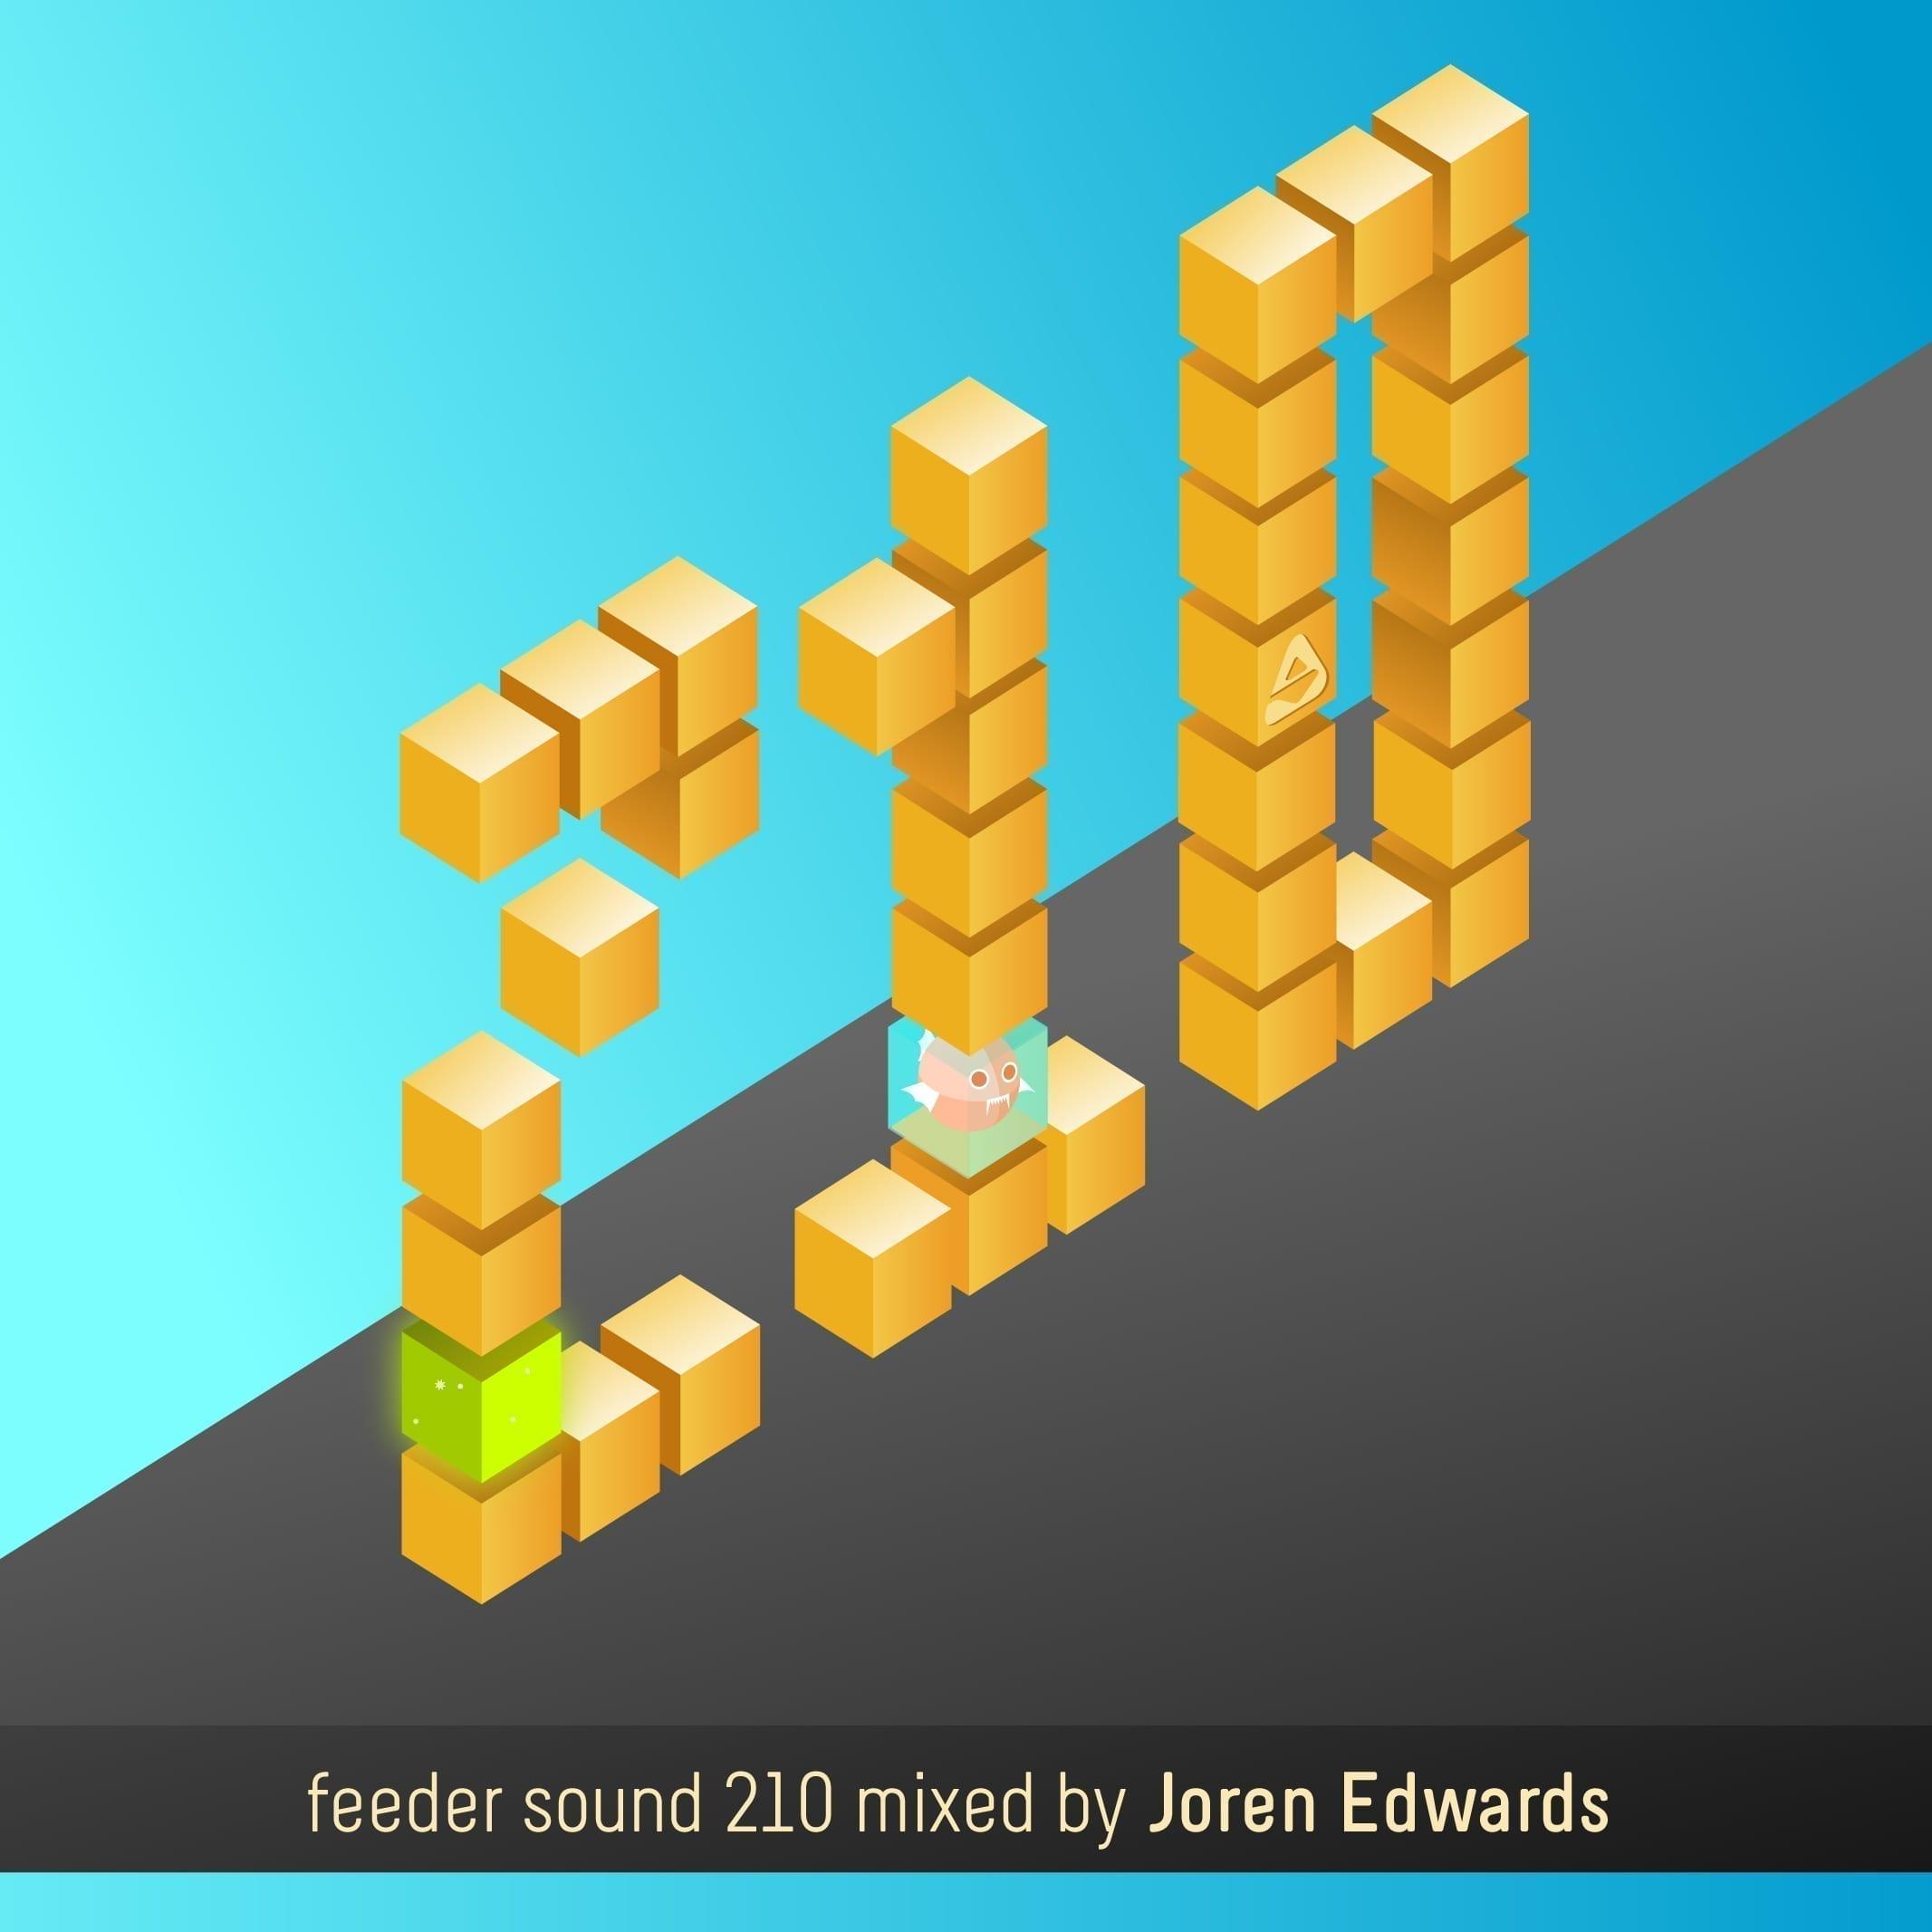 feeder sound 210 mixed by Joren Edwards